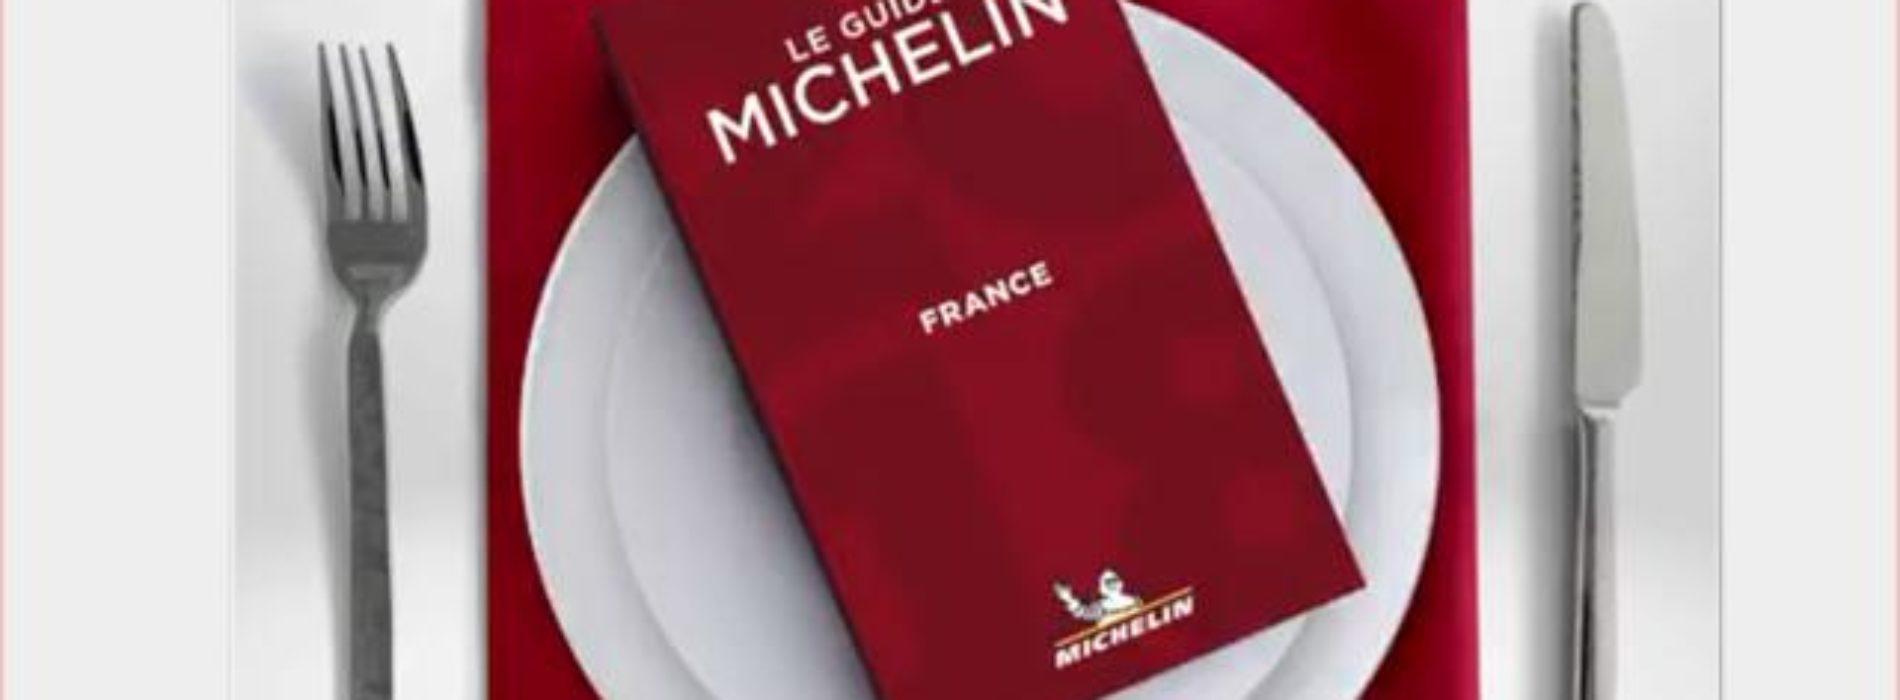 Michelin France 2019, per combattere la crisi taglia le stelle